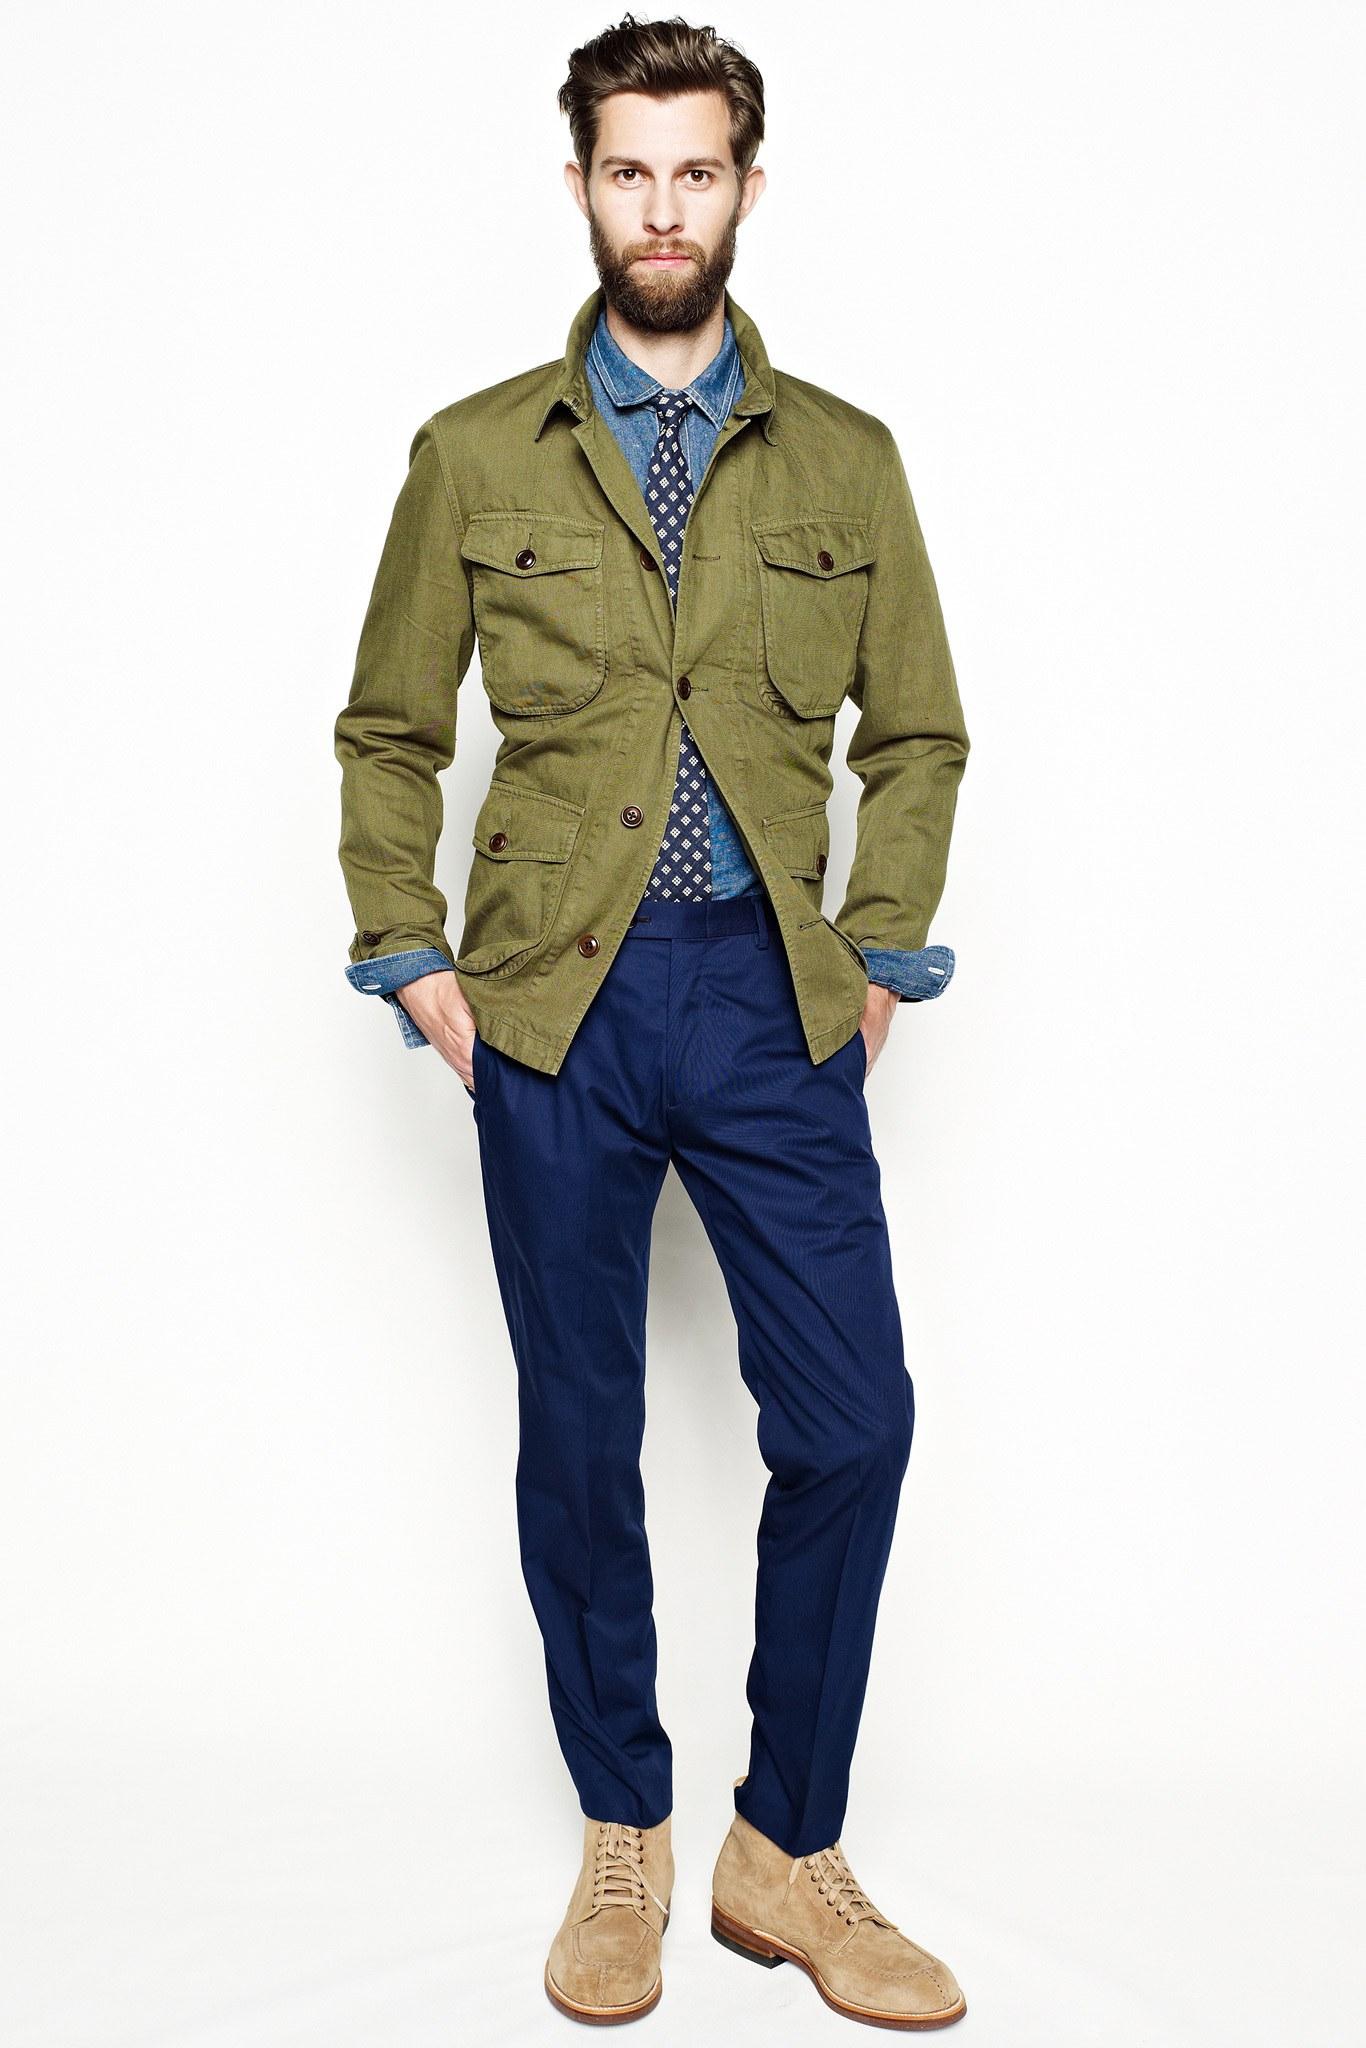 8 cách tạo phong cách ăn mặc đẹp cho nam1